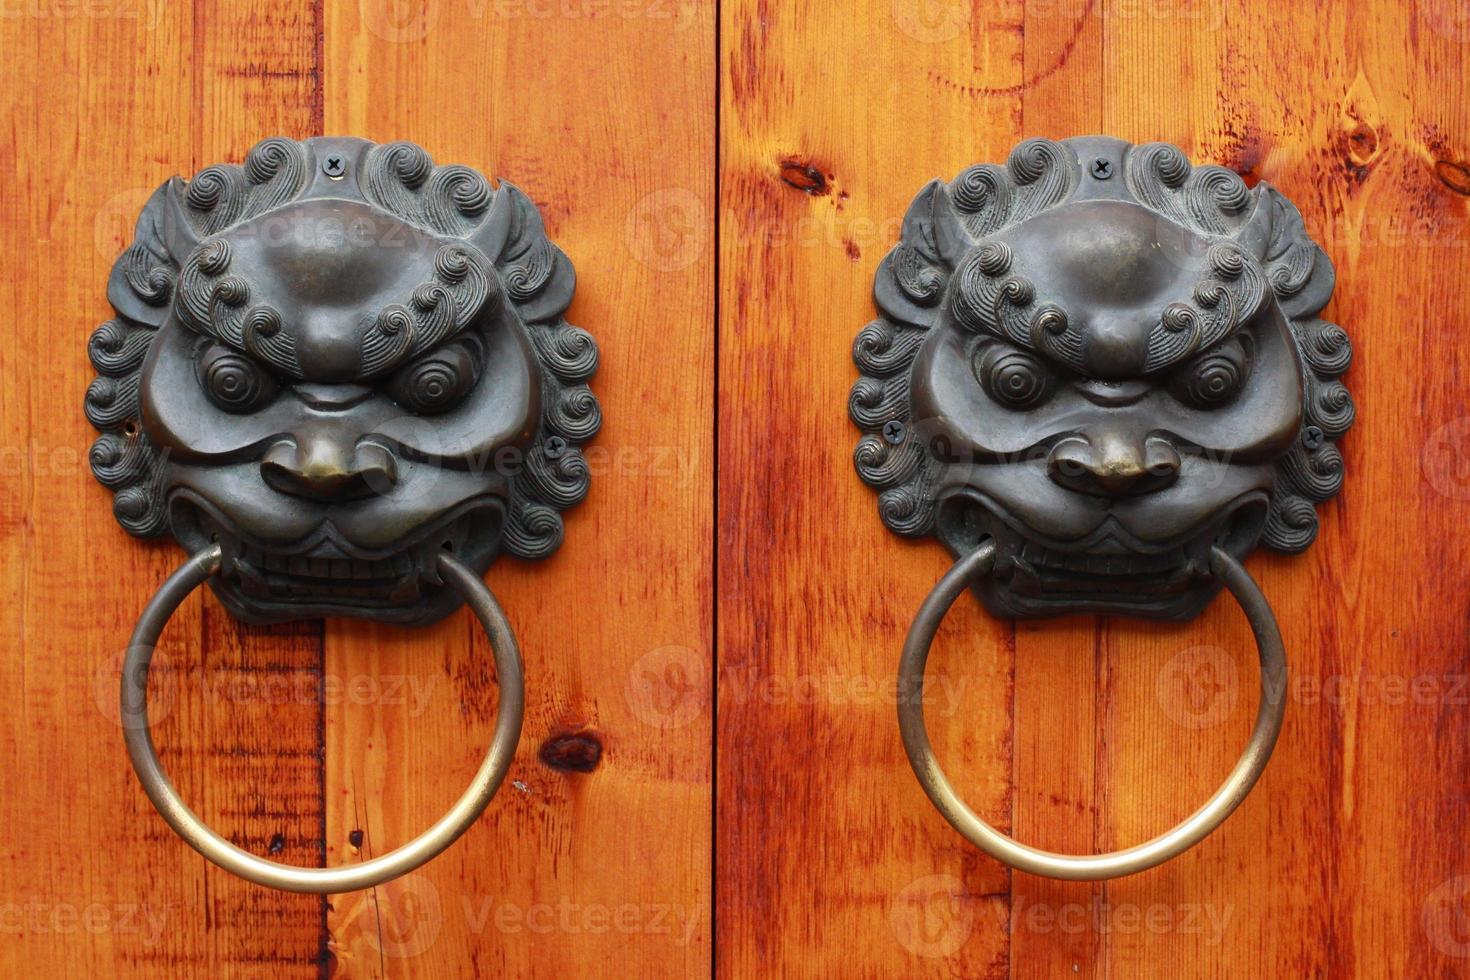 Lion Head Chinese Door Knob, Chengdu, China photo